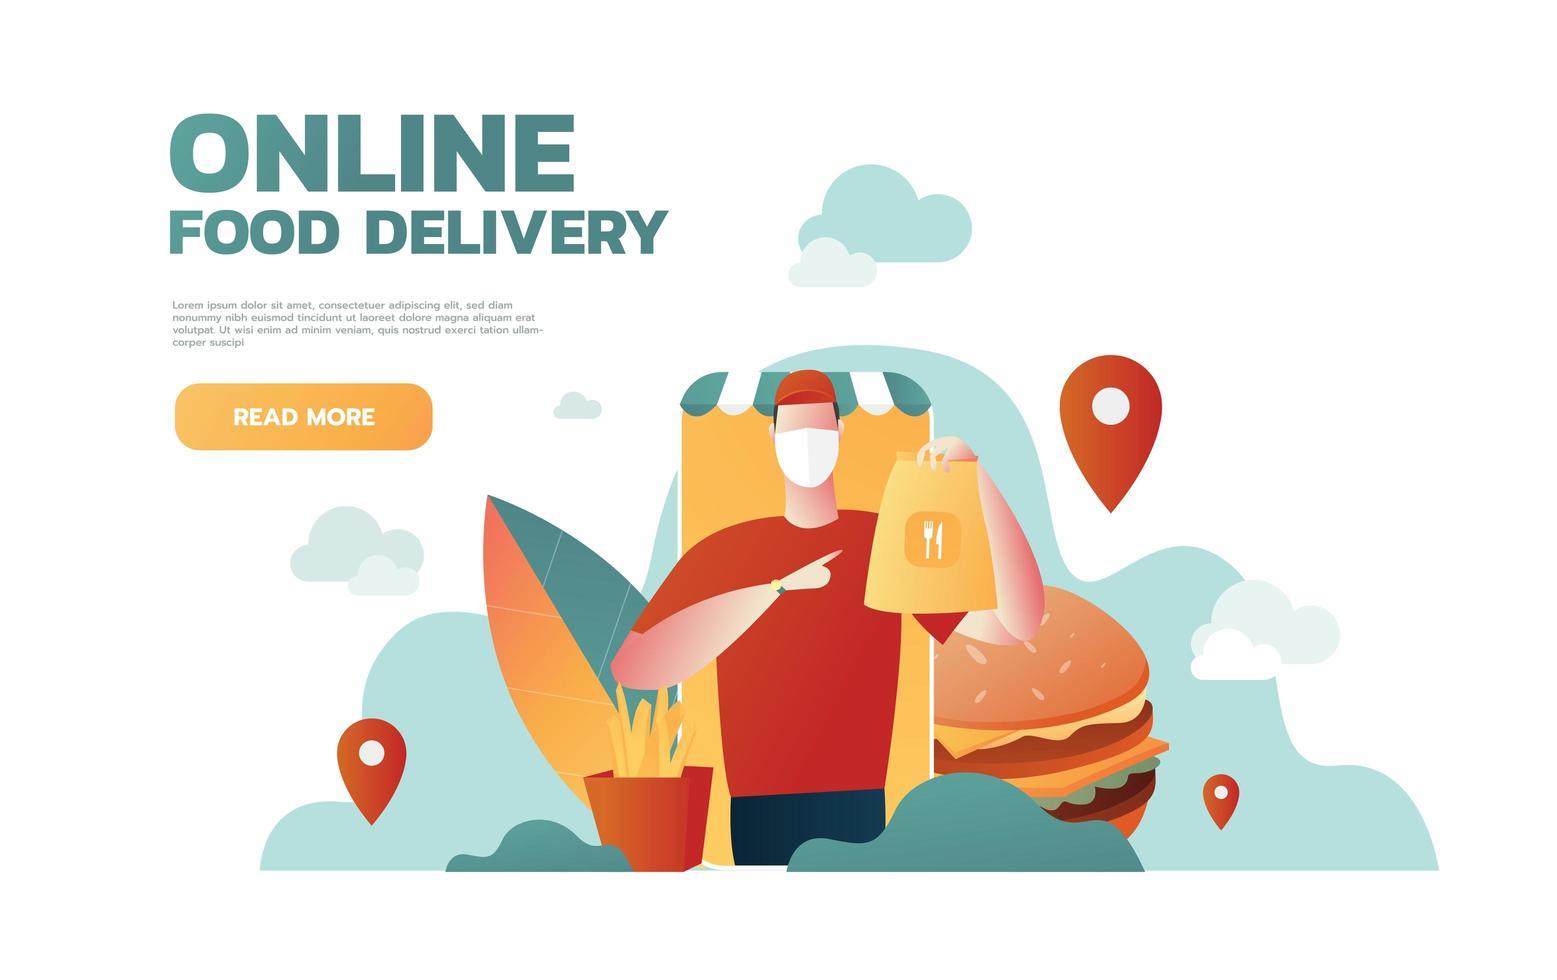 consegna cibo online. allontanamento sociale, mantenere la distanza per ridurre il rischio di infezione per prevenire il virus covid-19. illustrazione vettoriale piatta